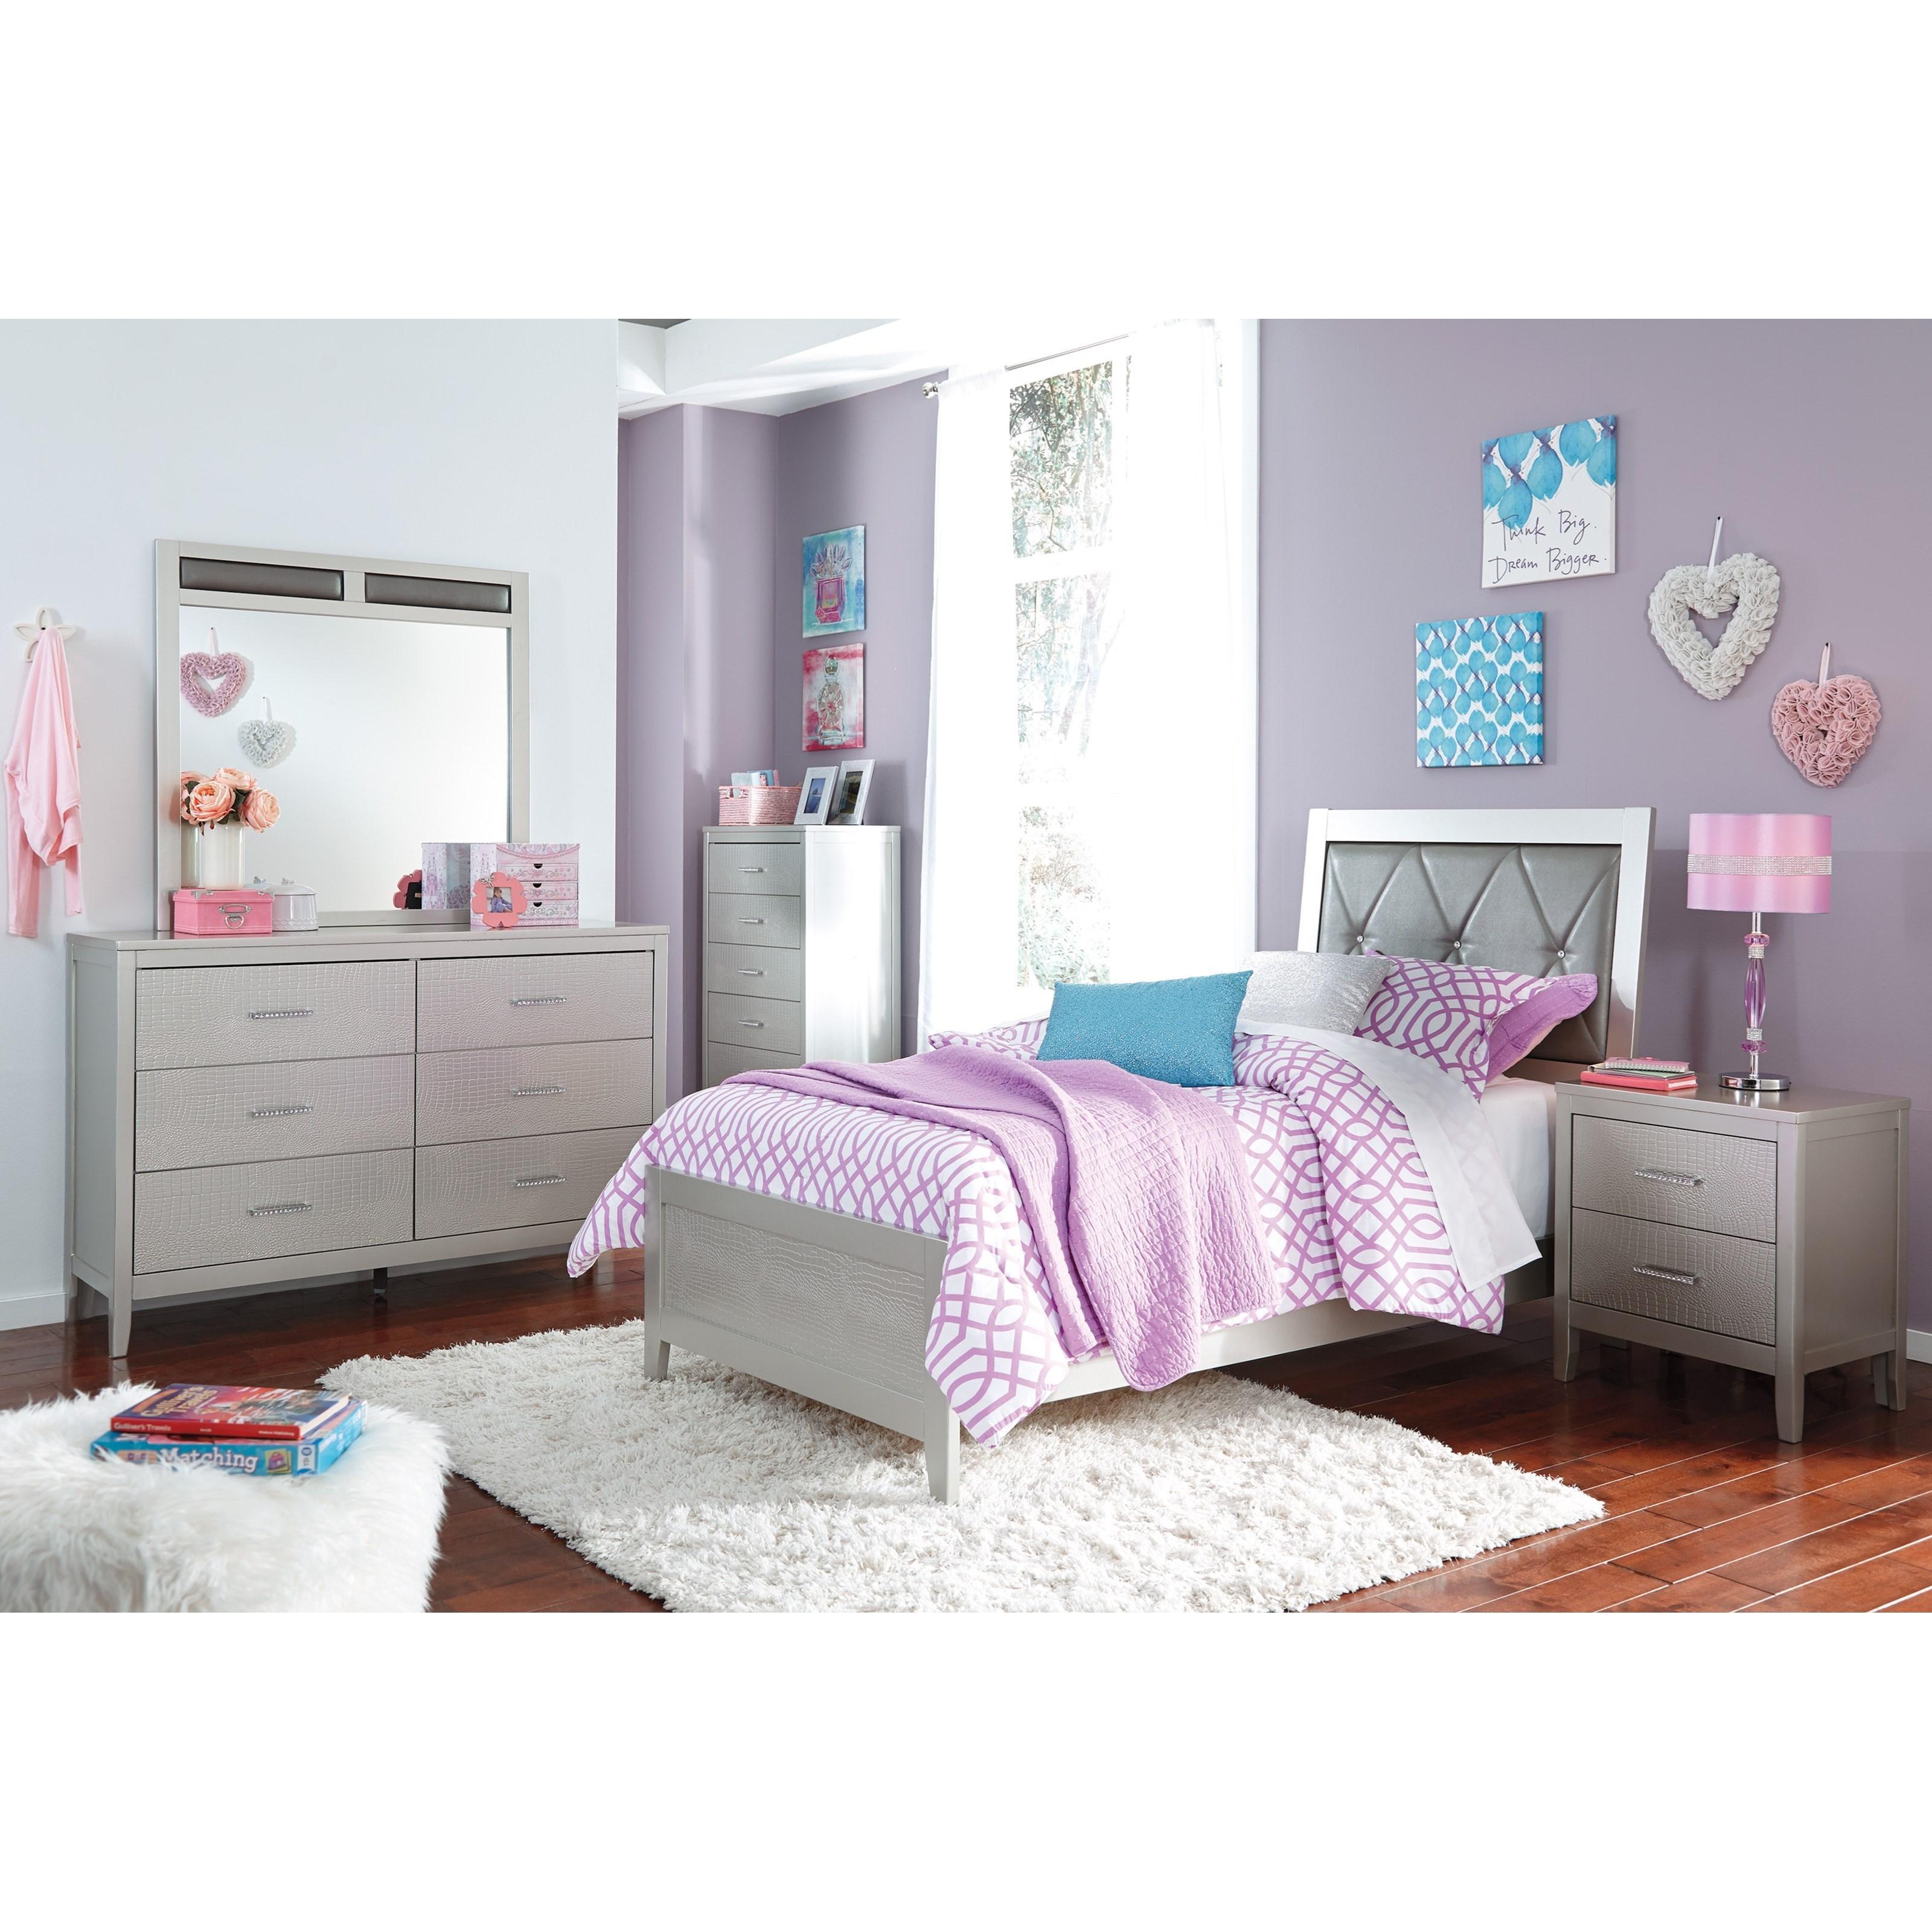 Signature Design By Ashley Olivet B560-36 Glam Bedroom